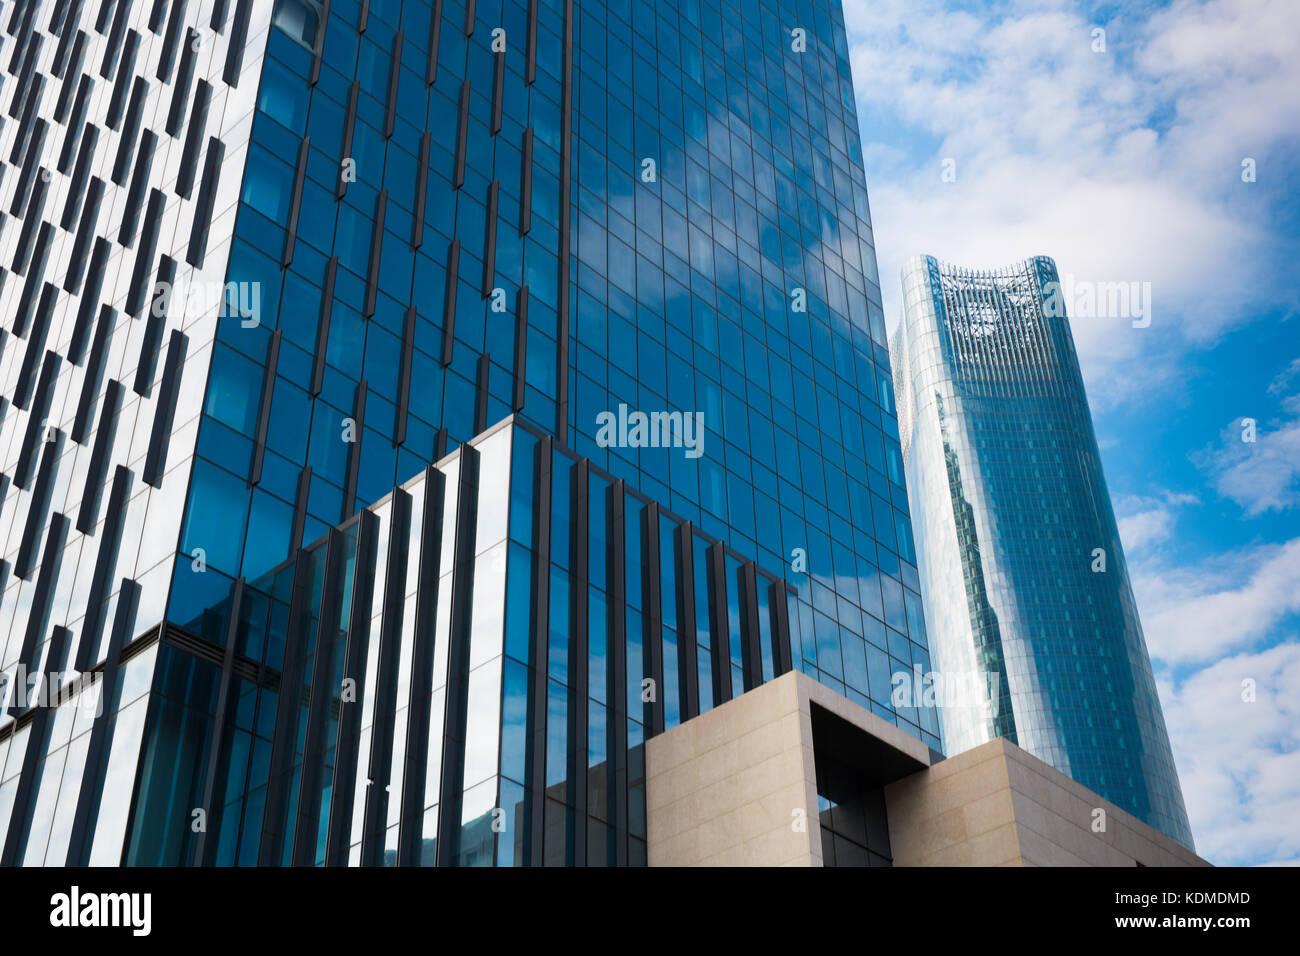 Gratte-ciel moderne des affaires, les bâtiments de grande hauteur, l'architecture sensibilisation pour Photo Stock